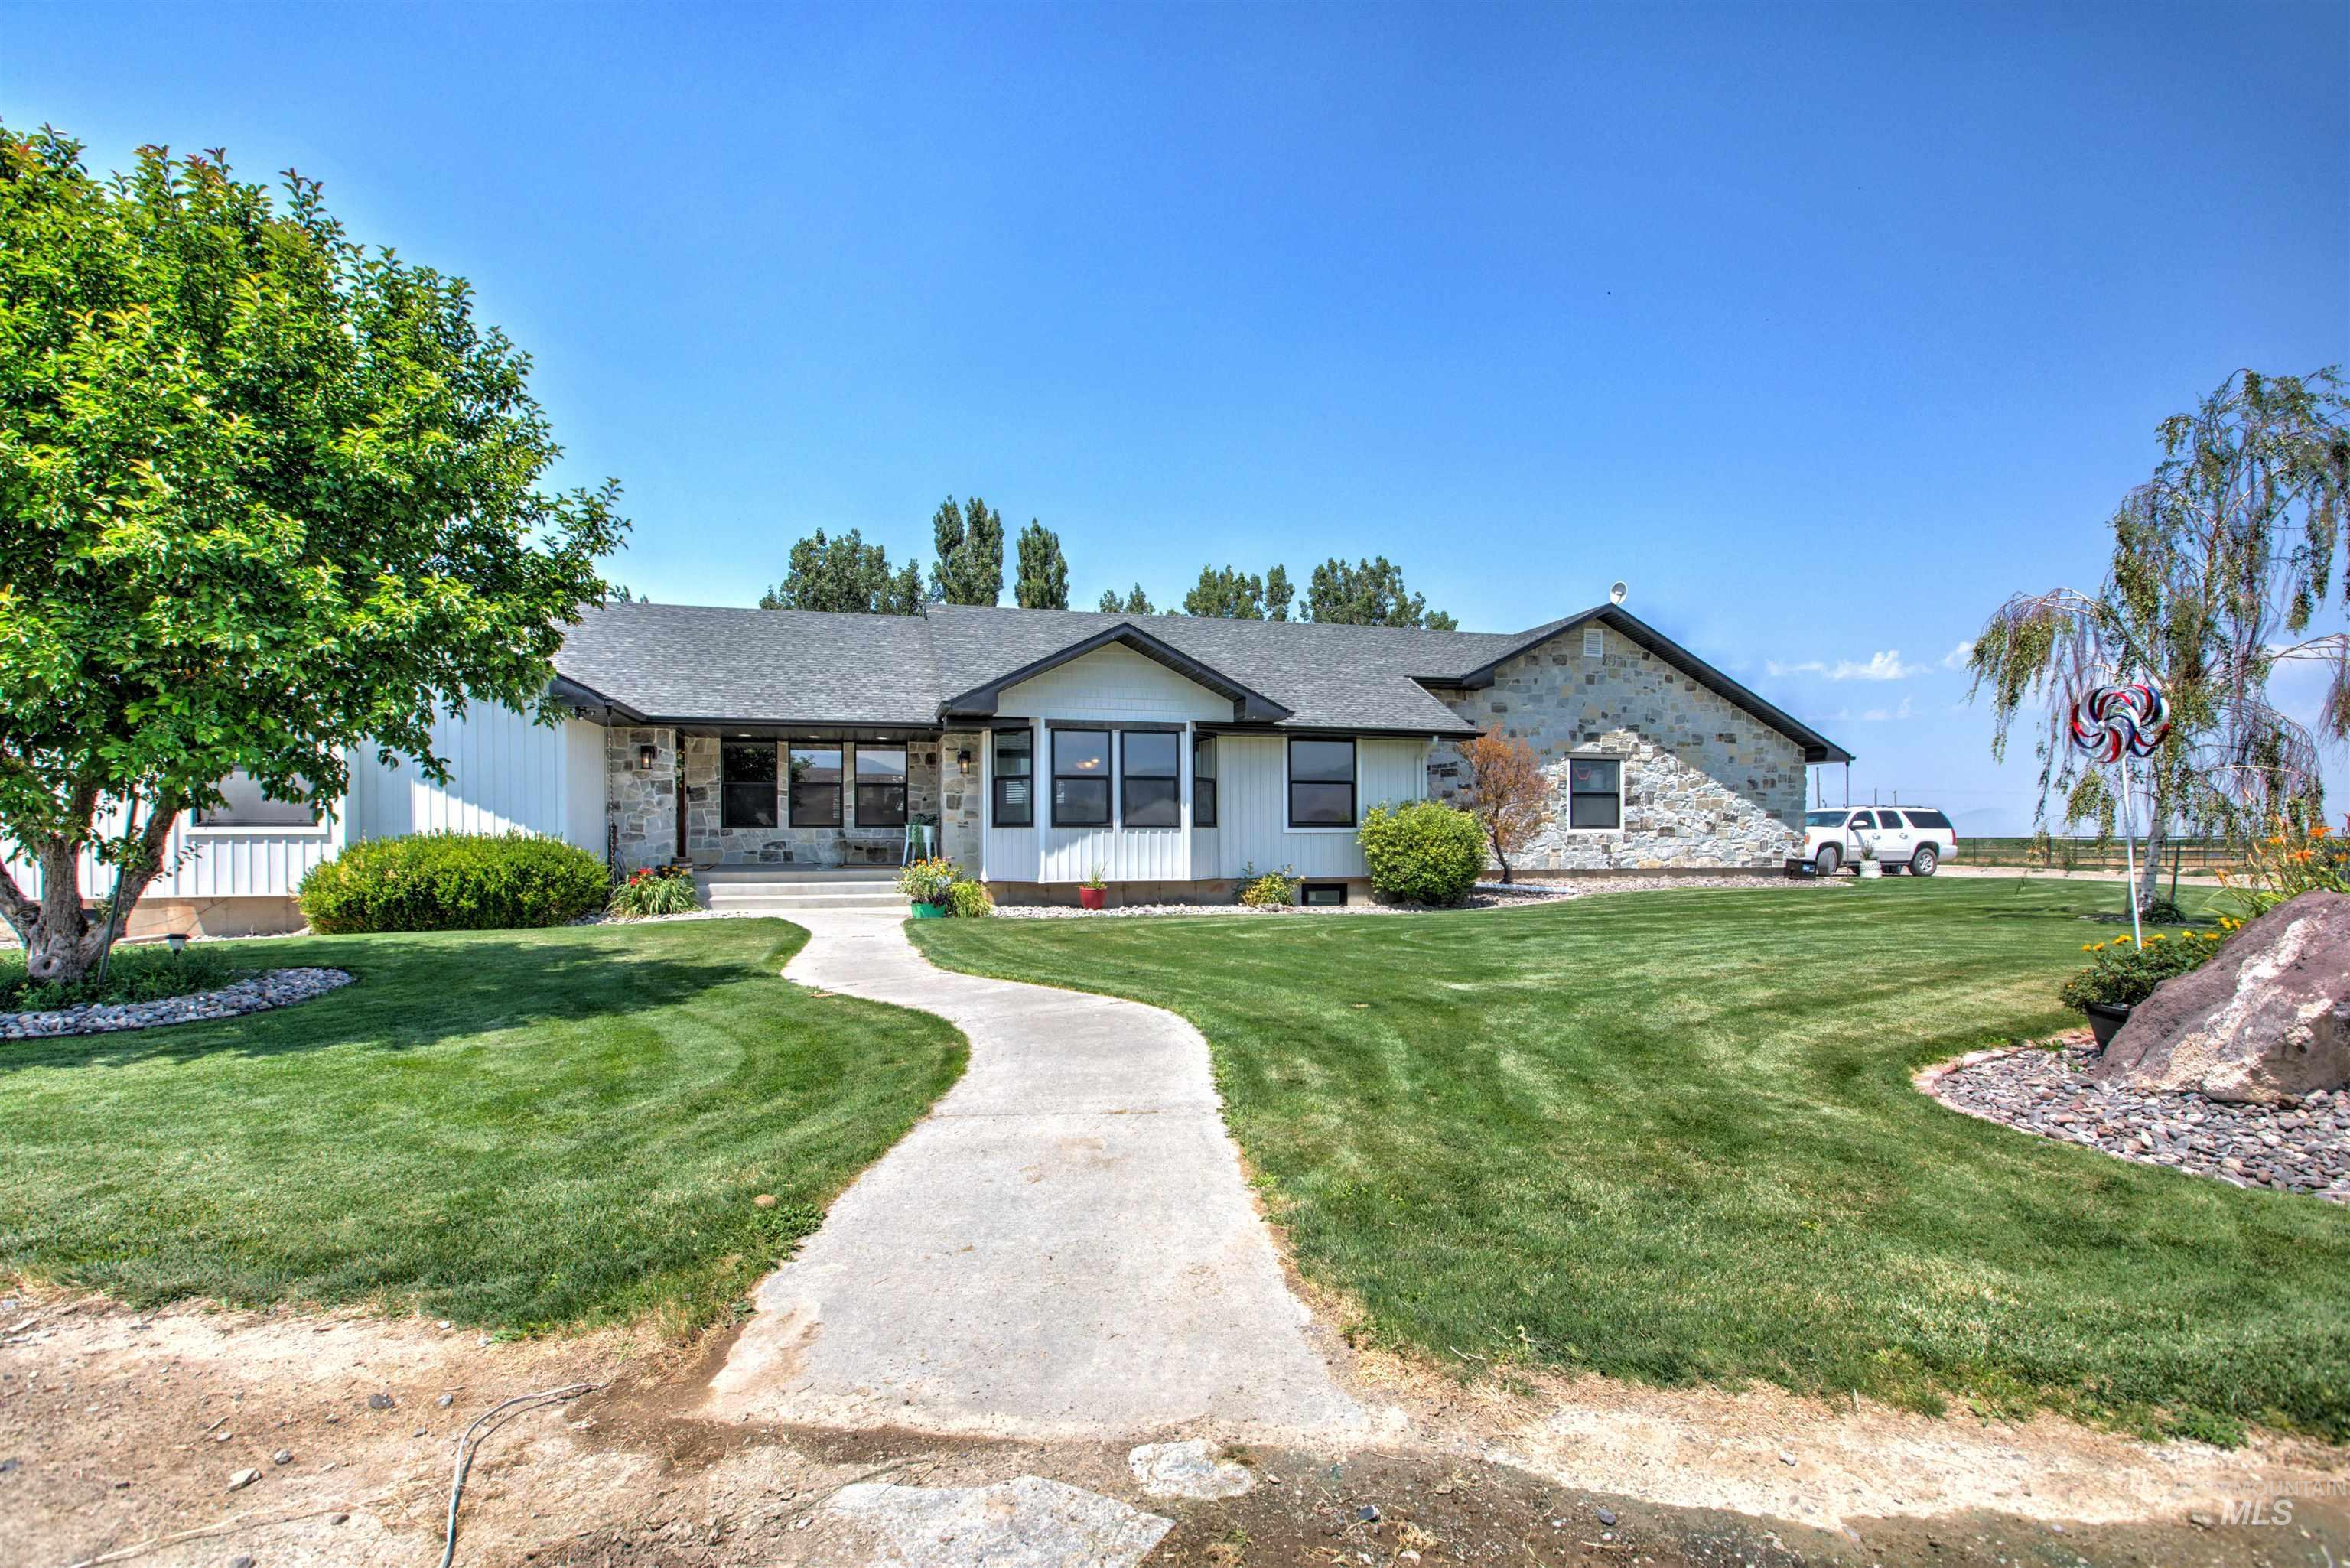 250 W 1545 S Property Photo 1